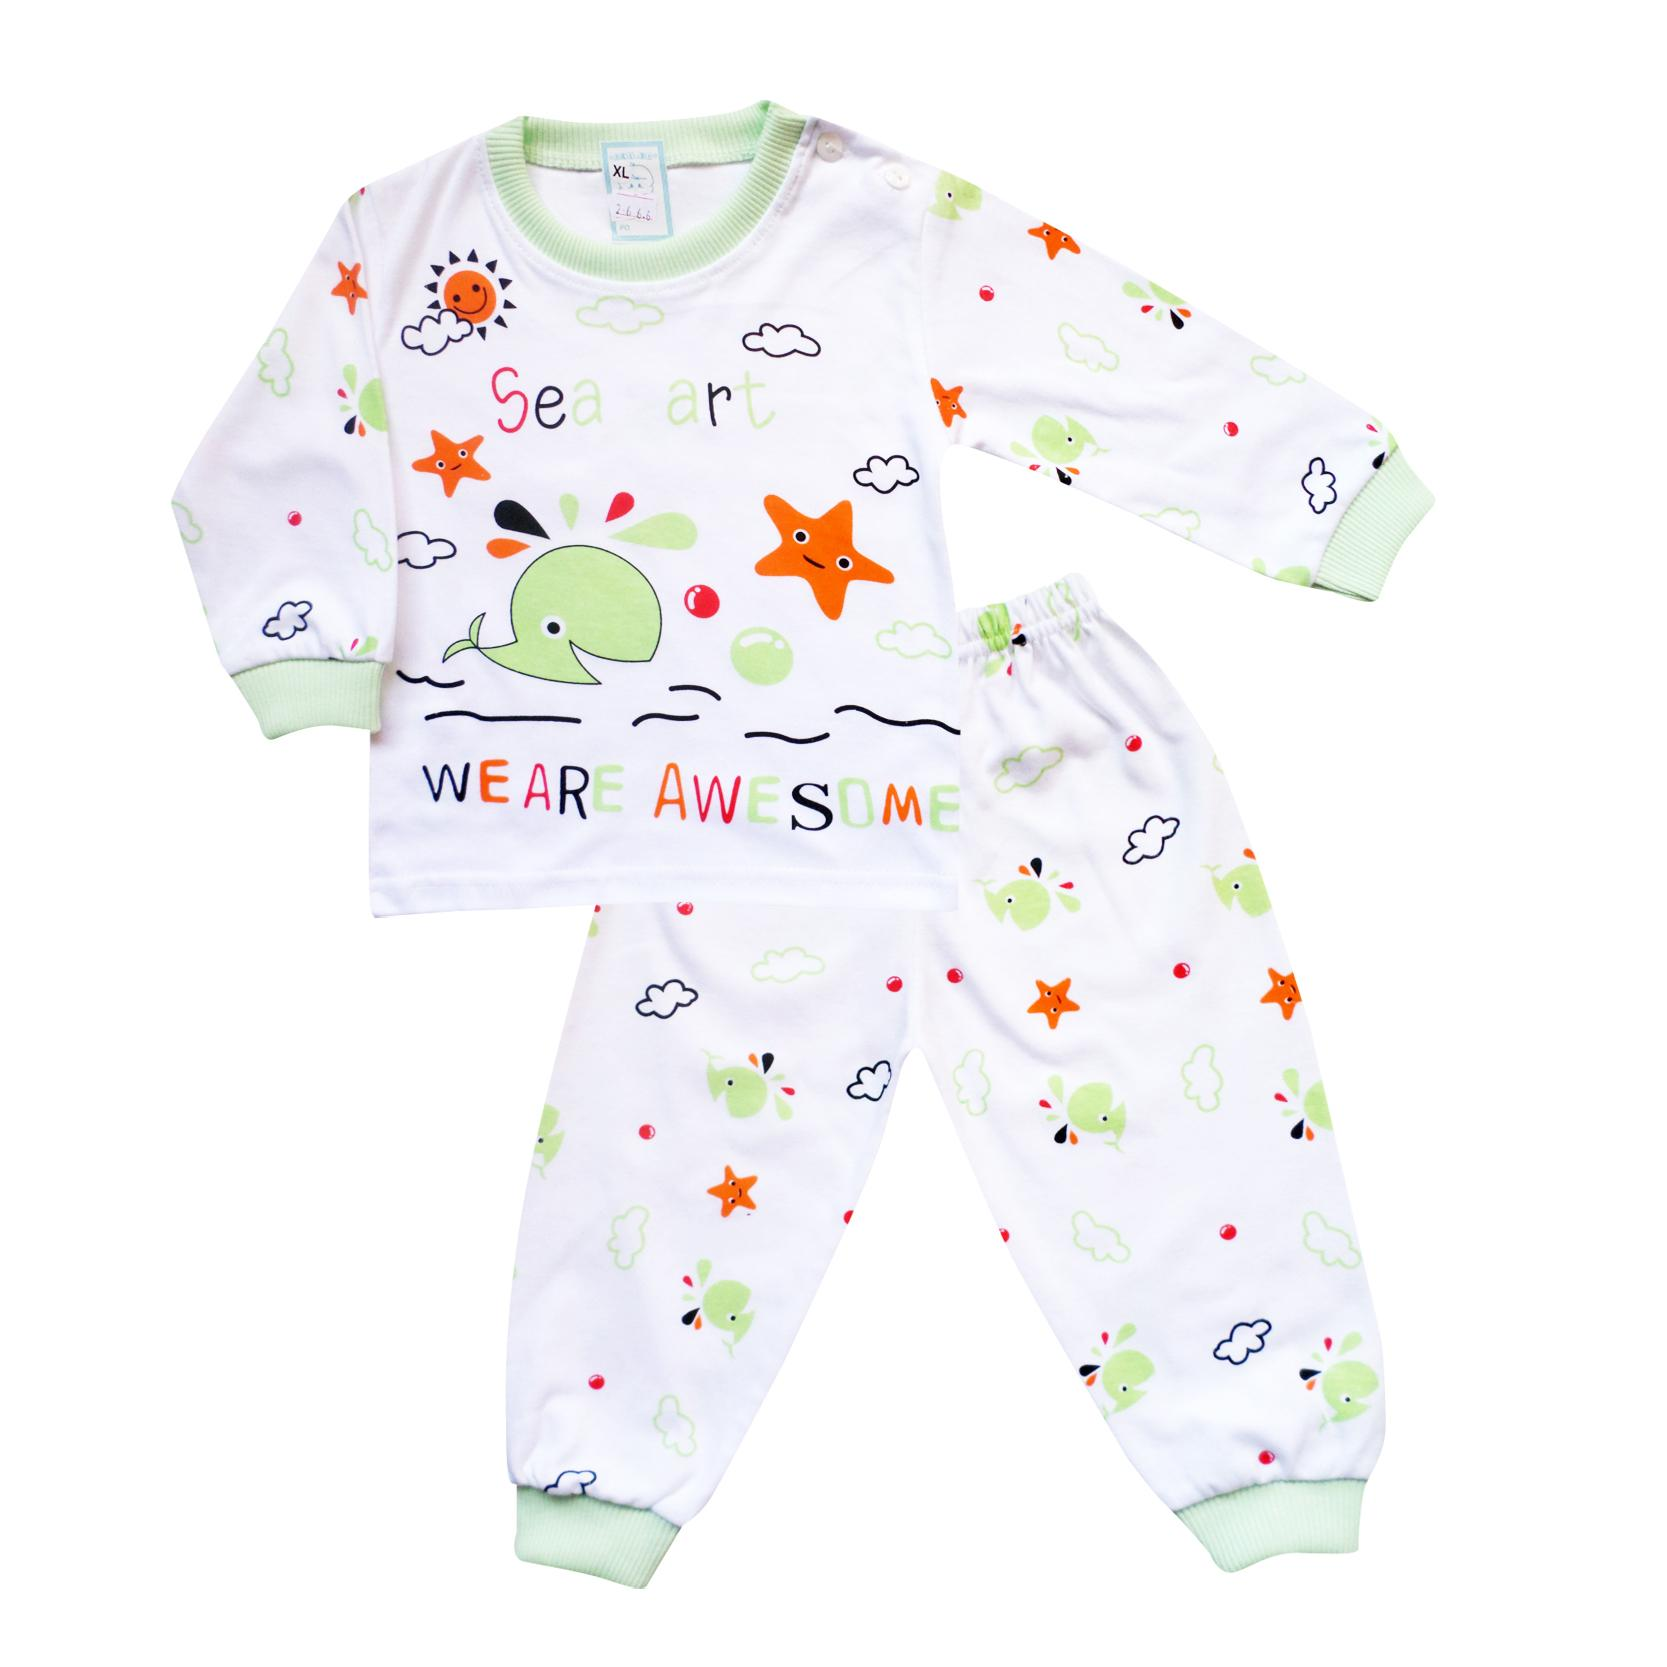 Skabe Baby Putih Piyama Anak Setelan Baju Tidur Tangan Panjang Anak Bayi Laki Laki 2666